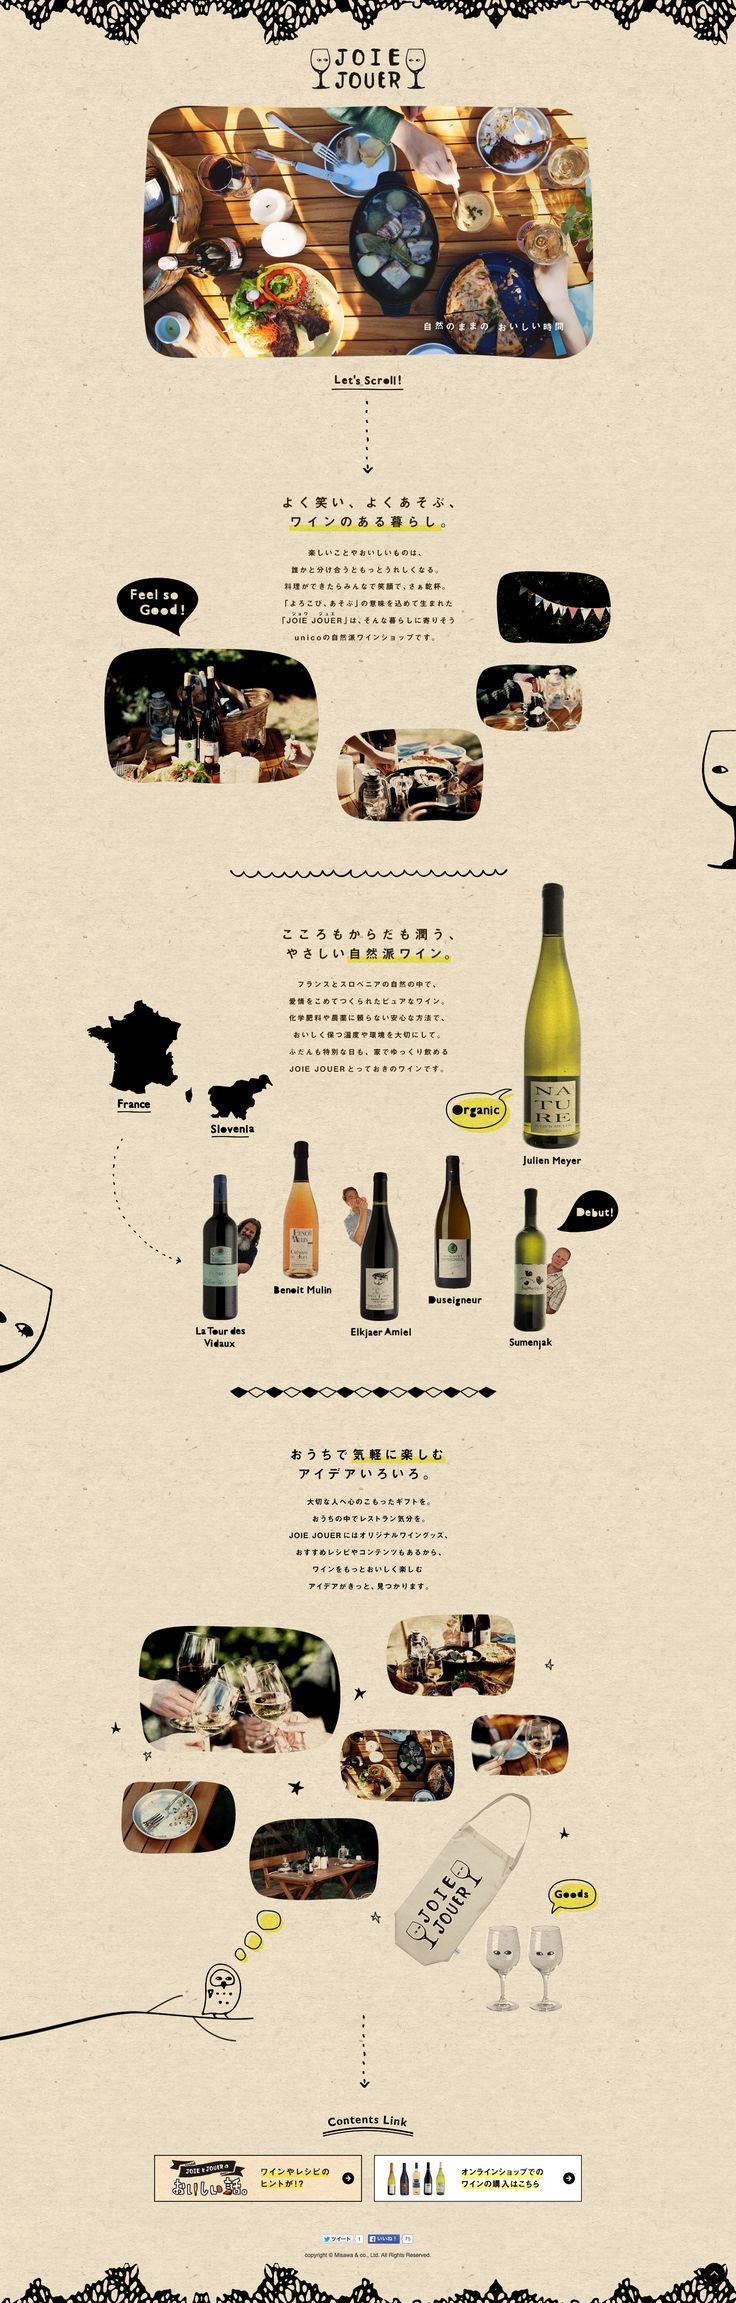 JOIE JOUER(ジョワ ジュエ) | こころもからだも潤う、やさしい自然派ワインのオンラインショップです。 | インテリアショップ unico